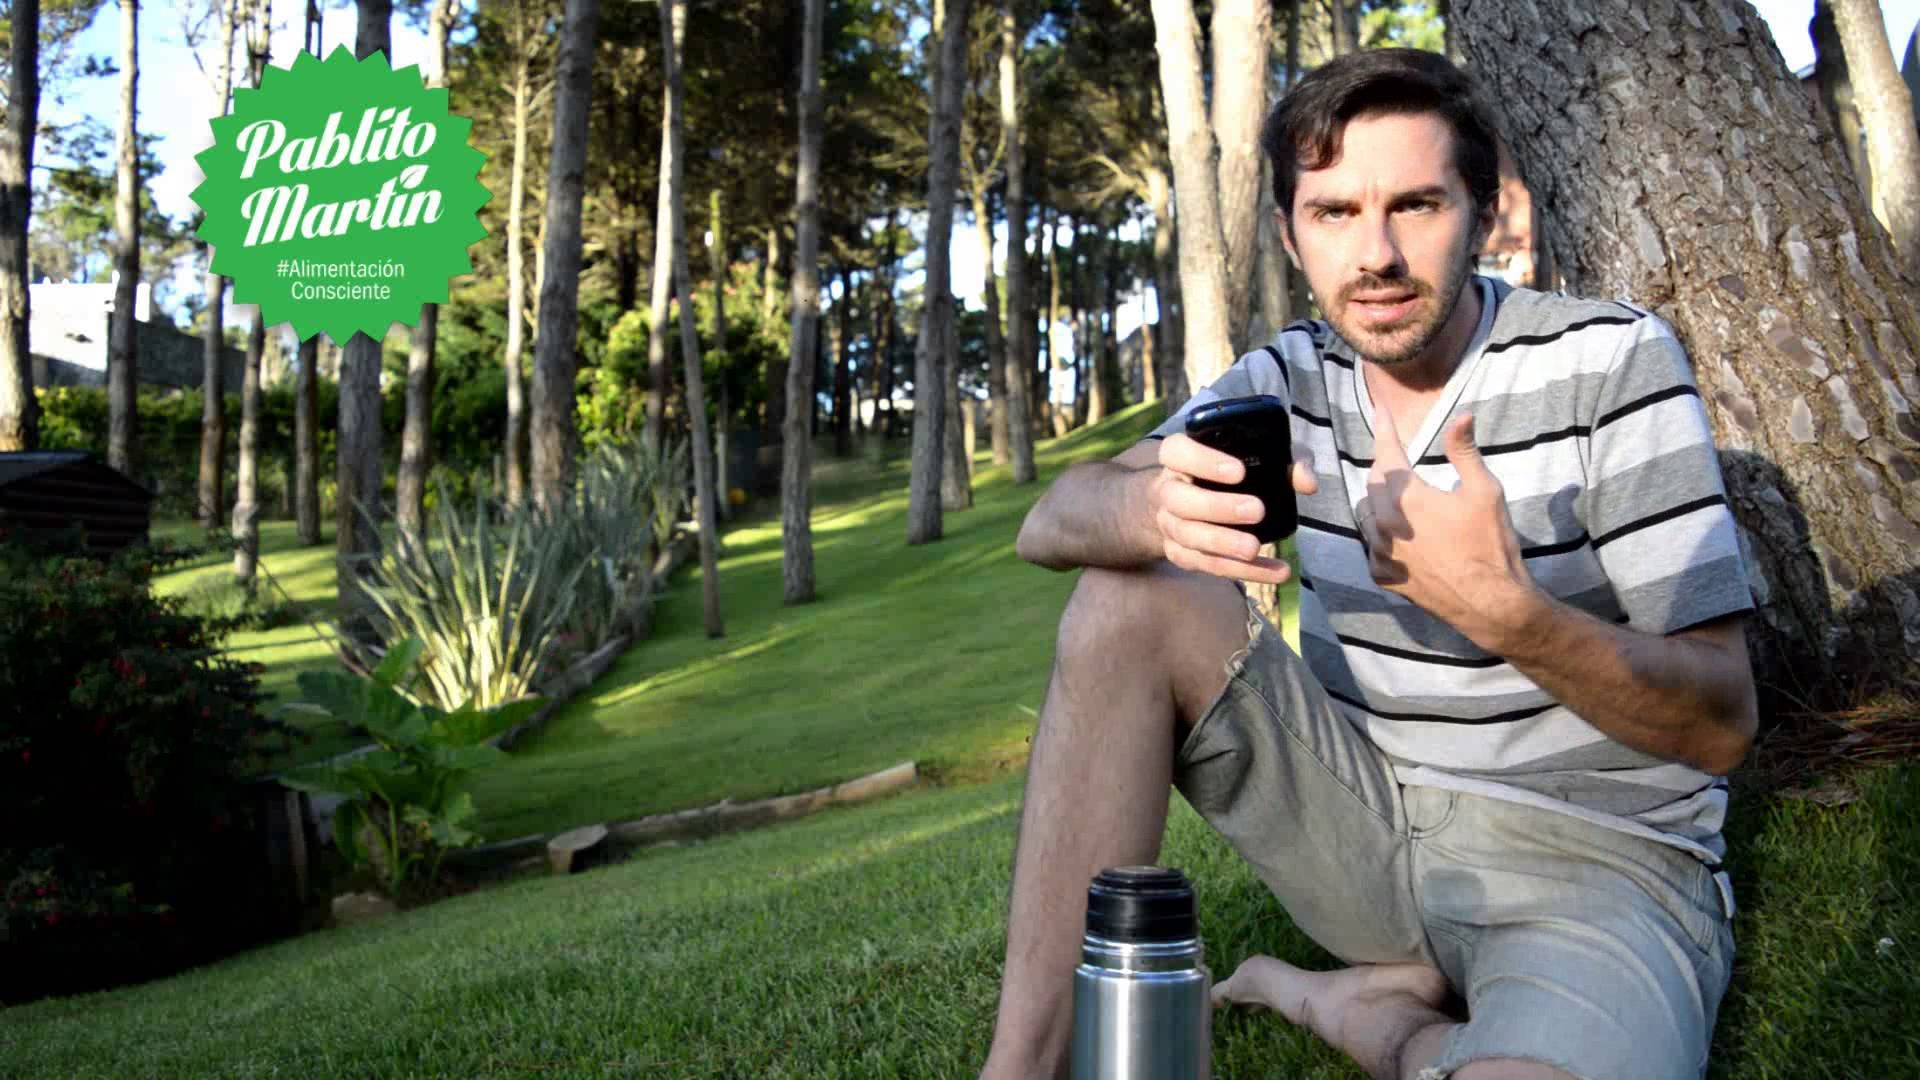 Pablito Martin responde 01: Spirulina y semillas #AlimentaciónConsciente